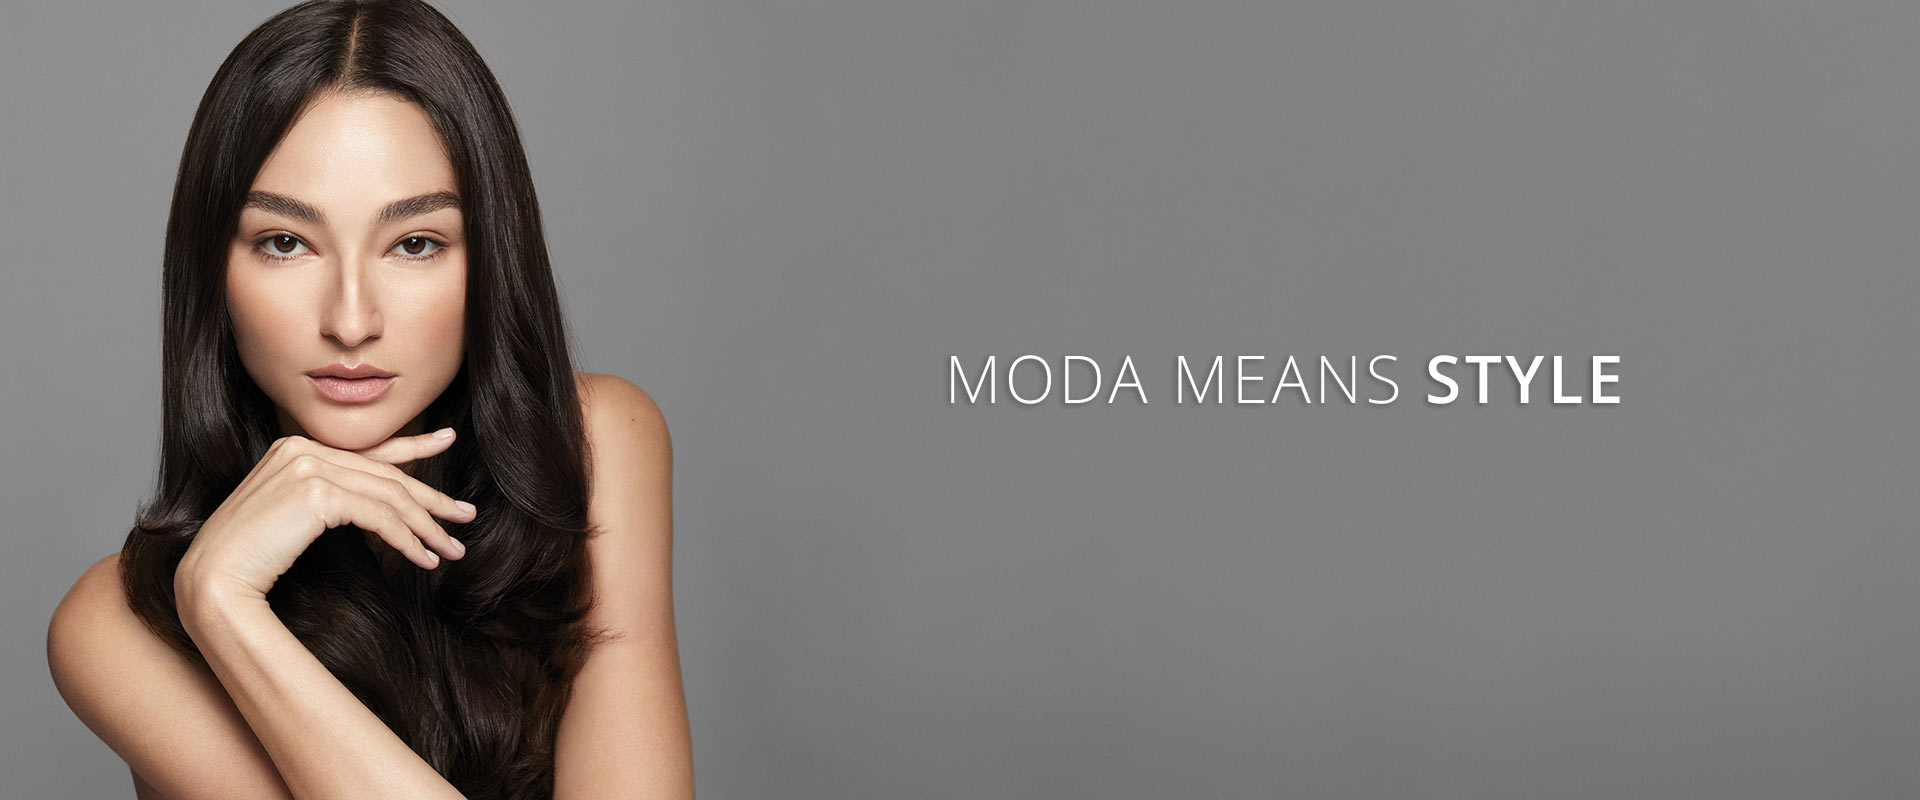 Moda Means Style Billboard